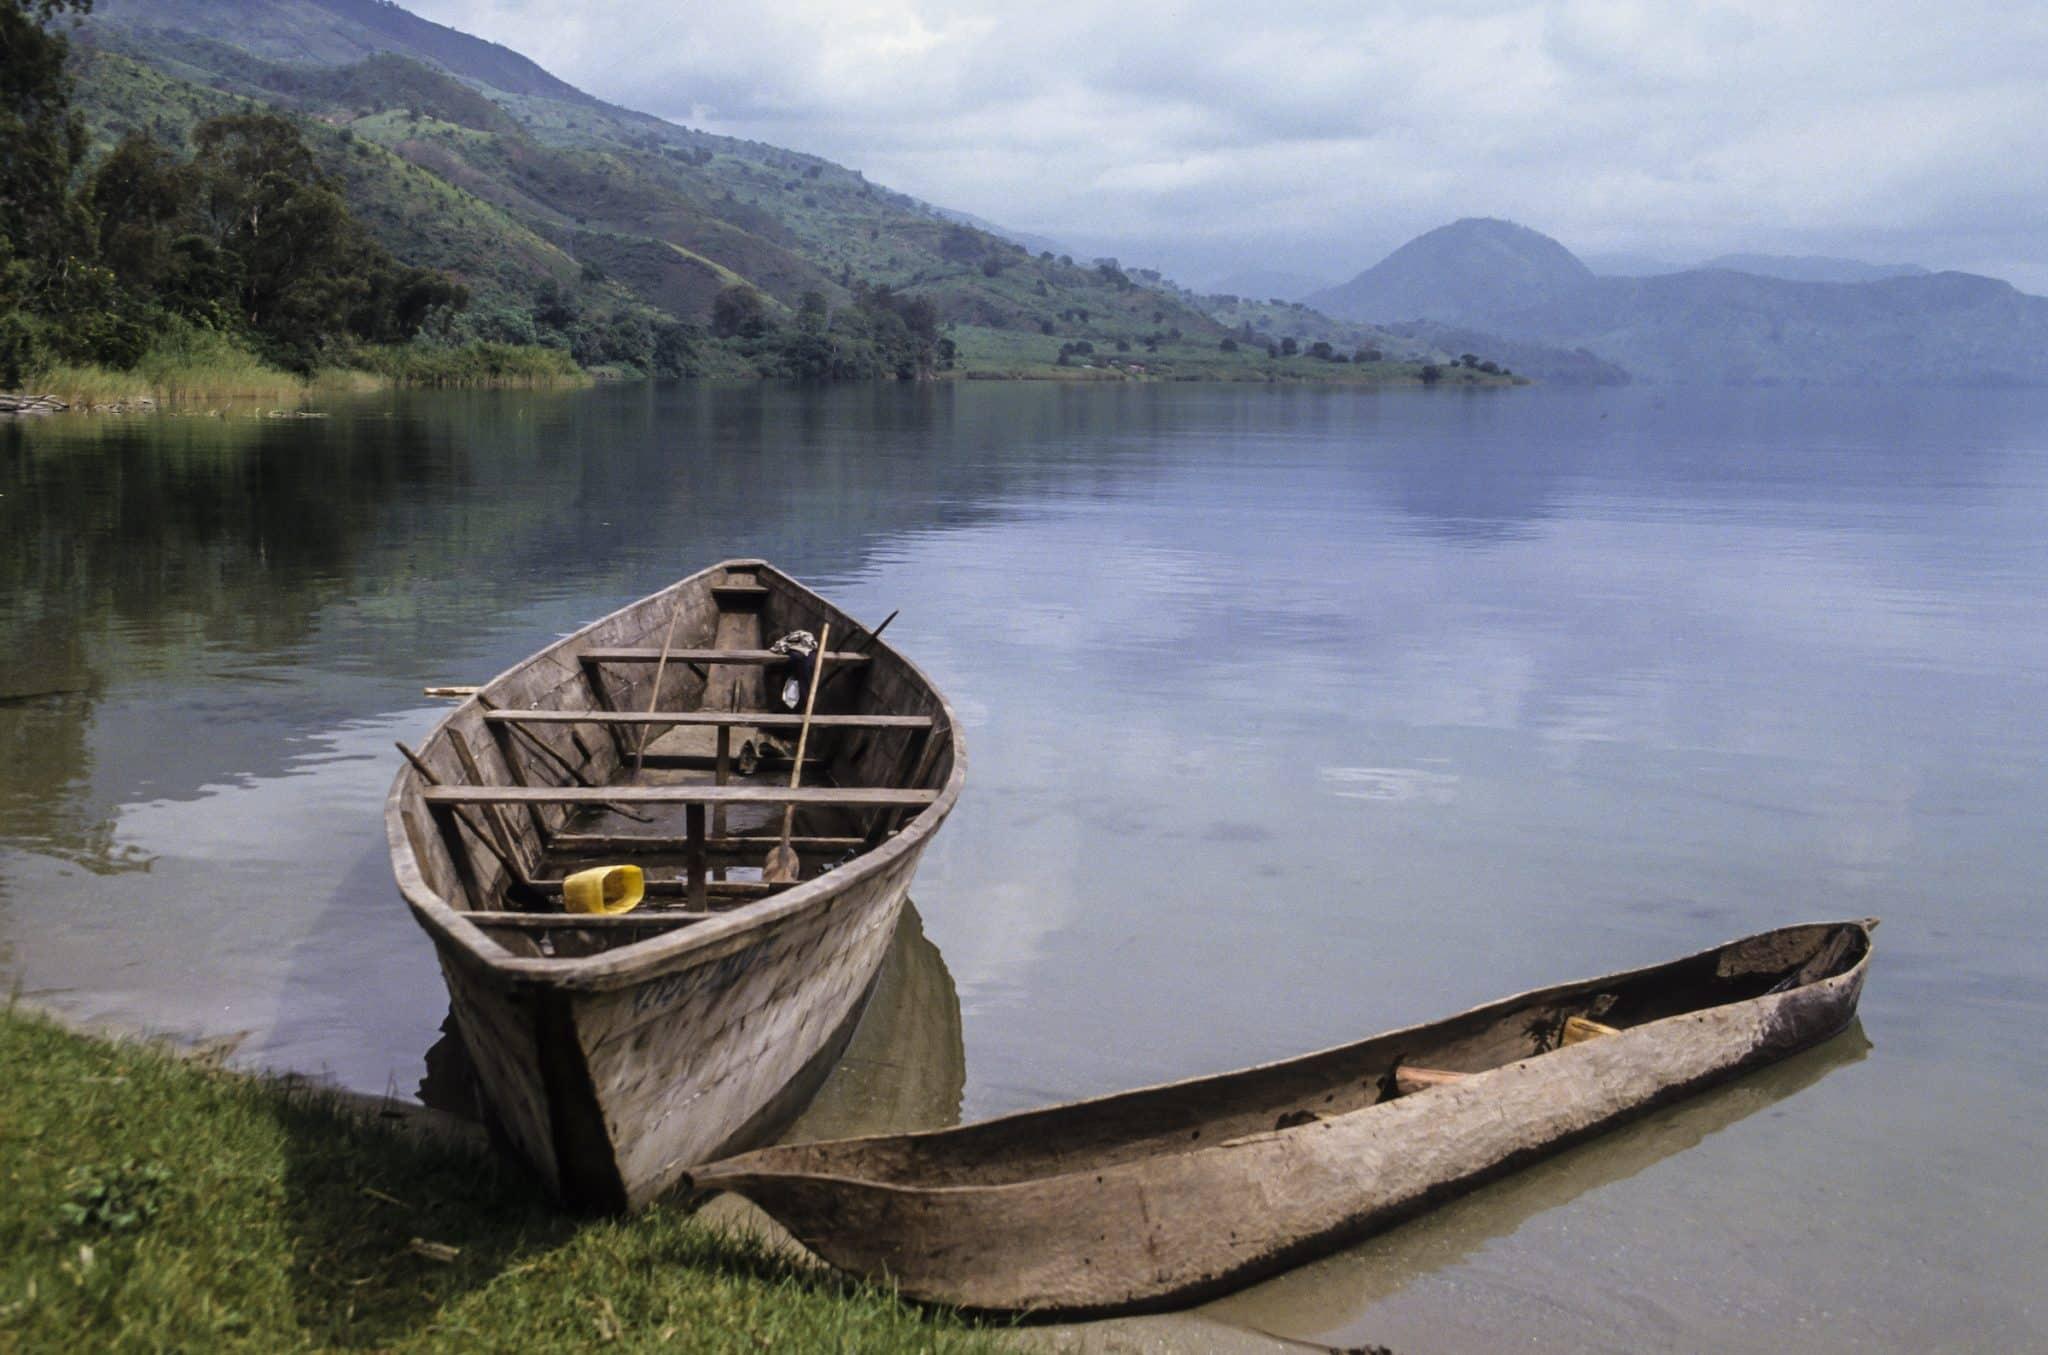 Barque de pêcheurs, Lac Kivu, République démocratique du Congo, Rwanda